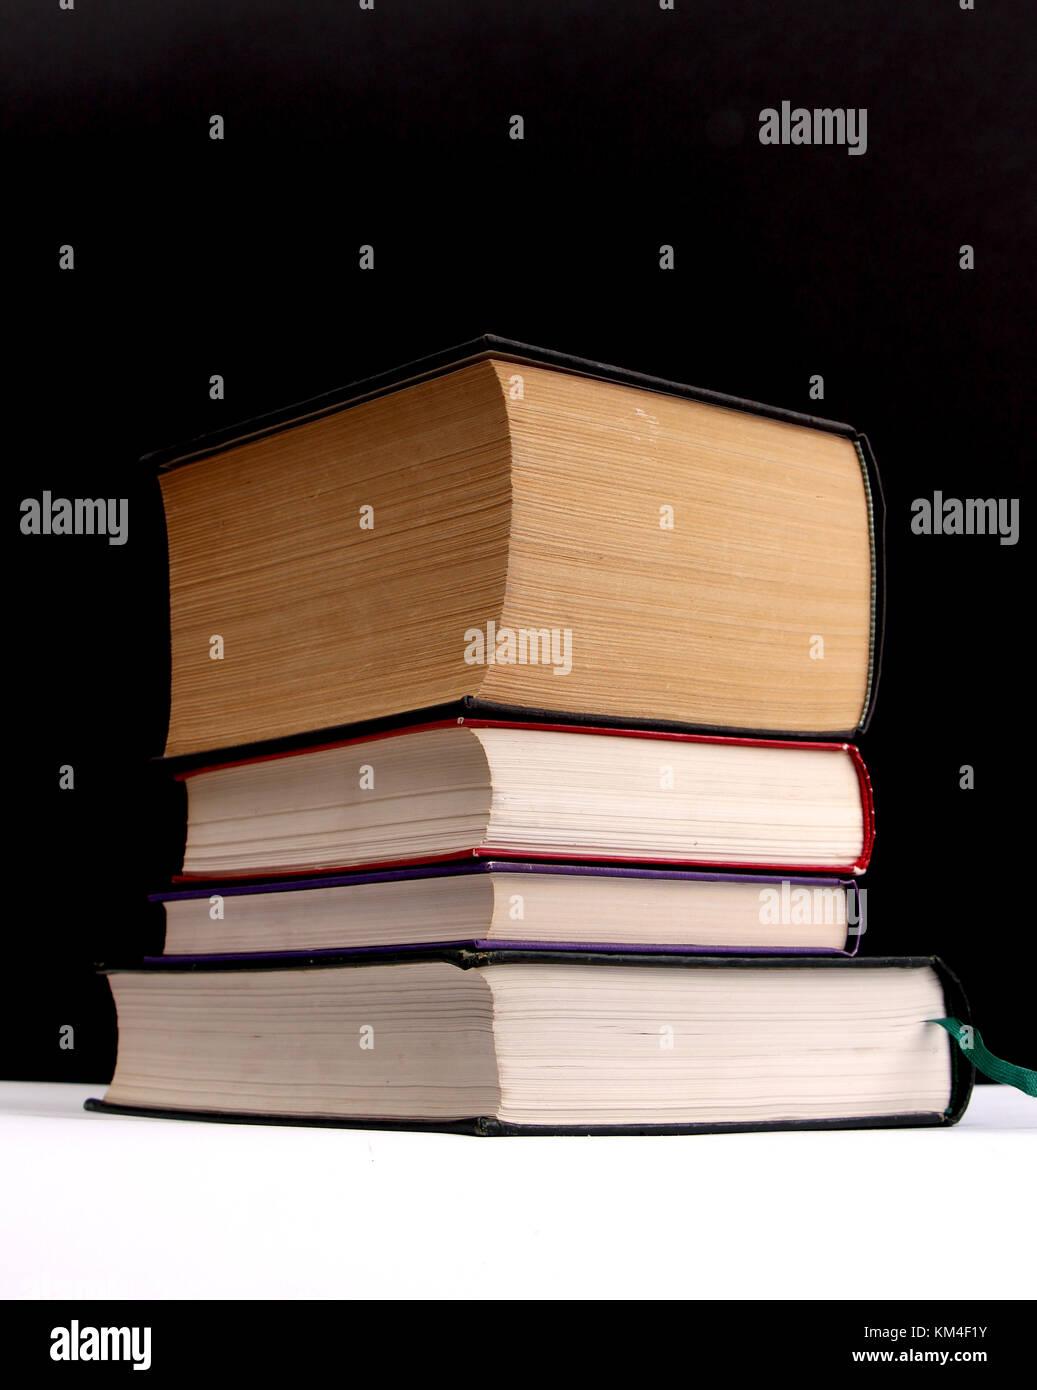 Libros de varios colores sobre un fondo blanco y negro,imagen de una ...